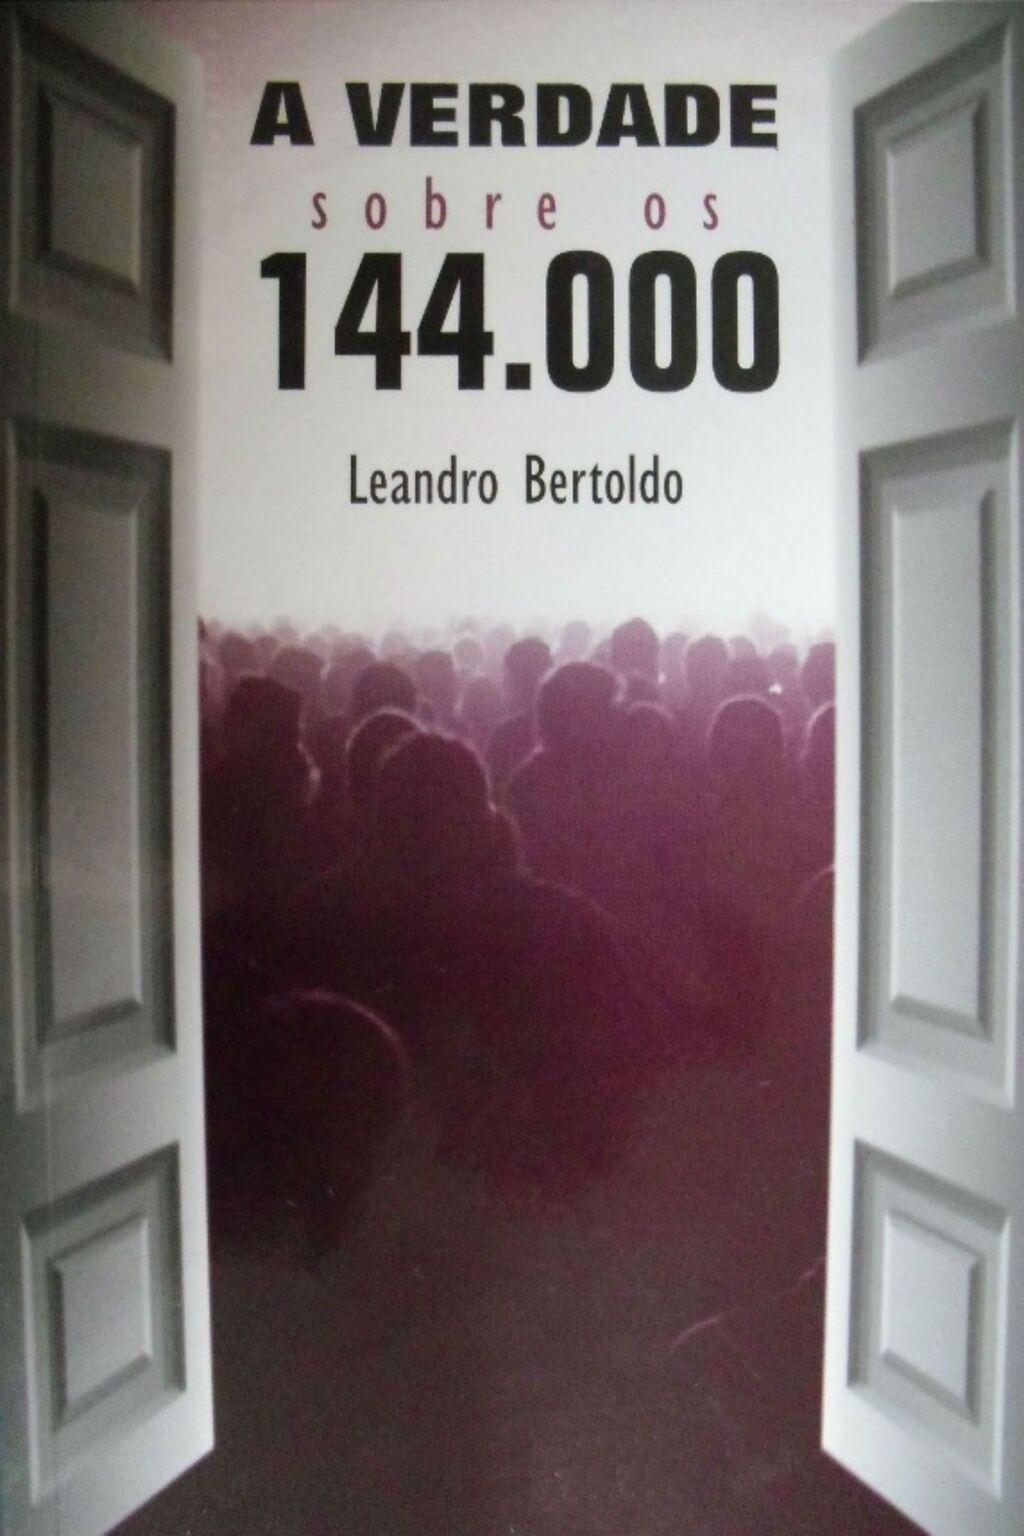 A Verdade Sobre os 144.000